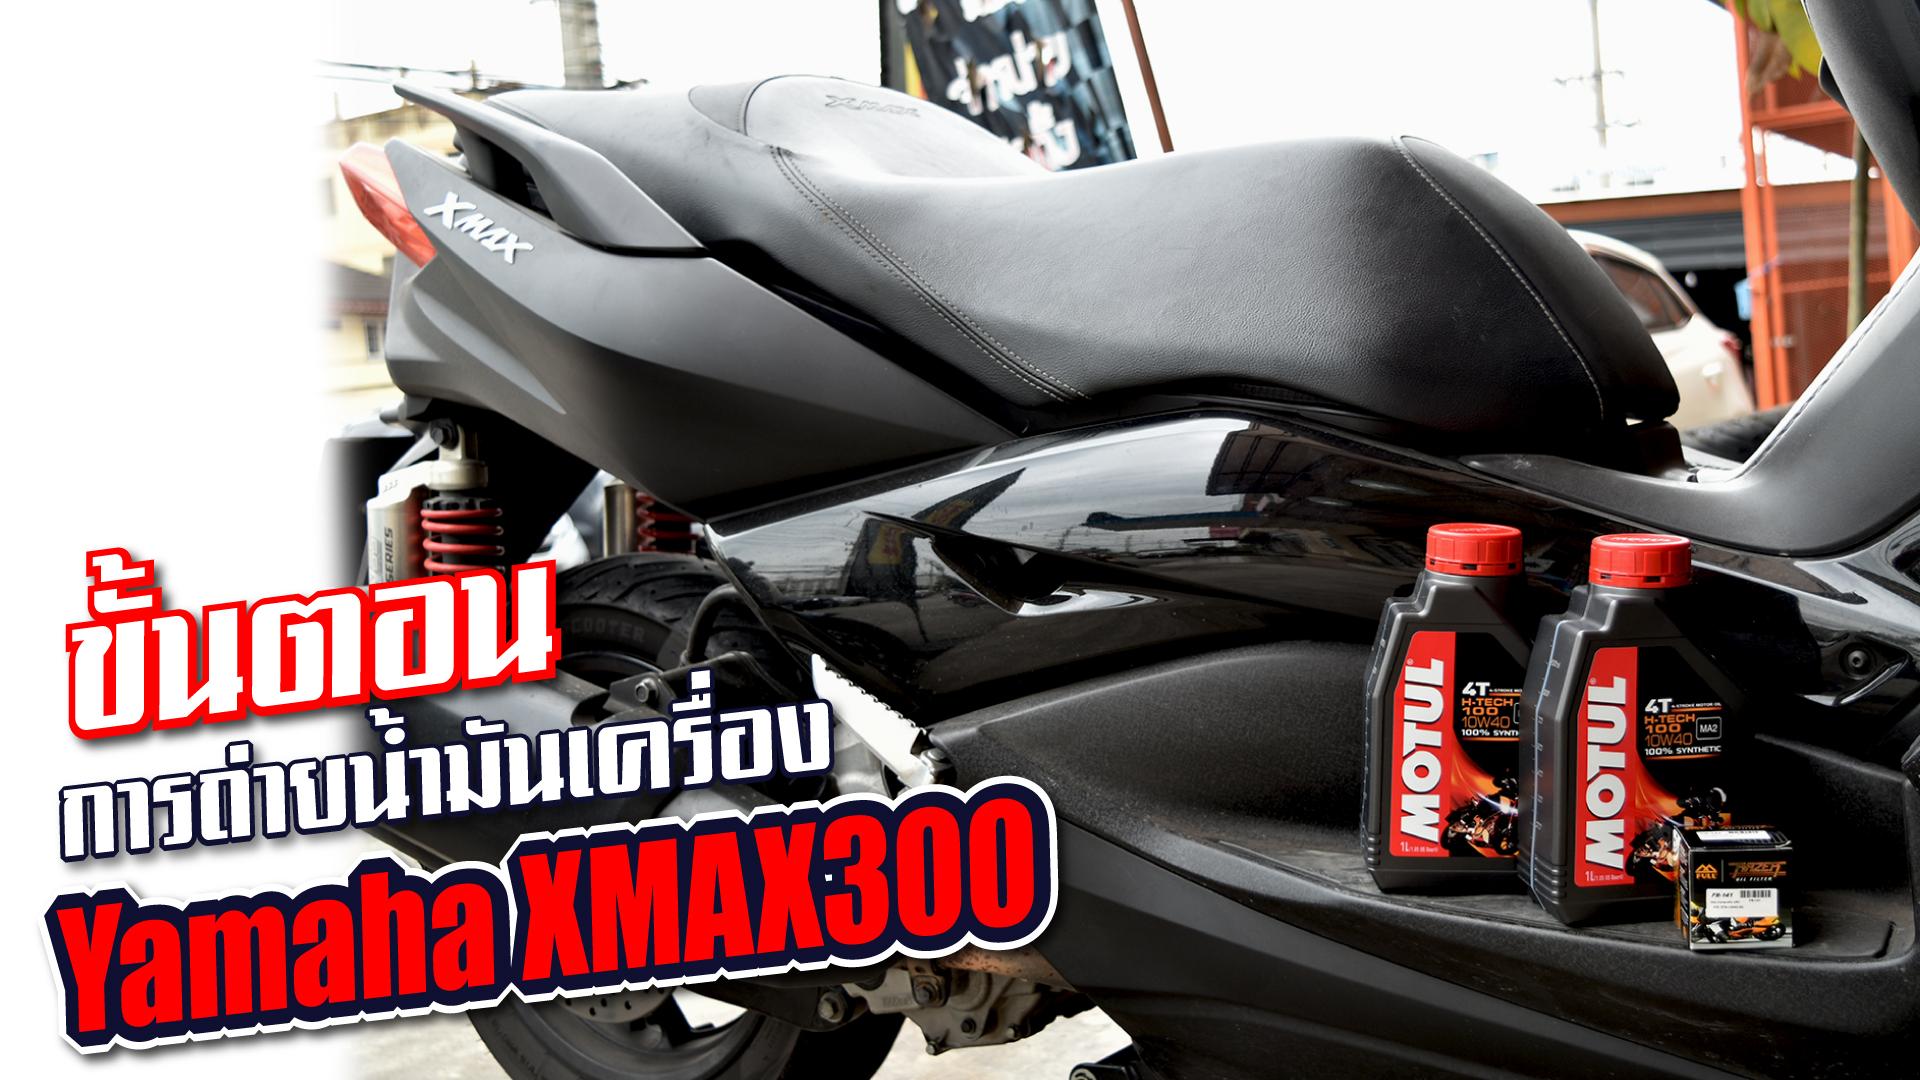 🔧 ขั้นตอนการถ่ายน้ำมันเครื่อง และเปลี่ยนกรอง 🏍 Yamaha XMAX300